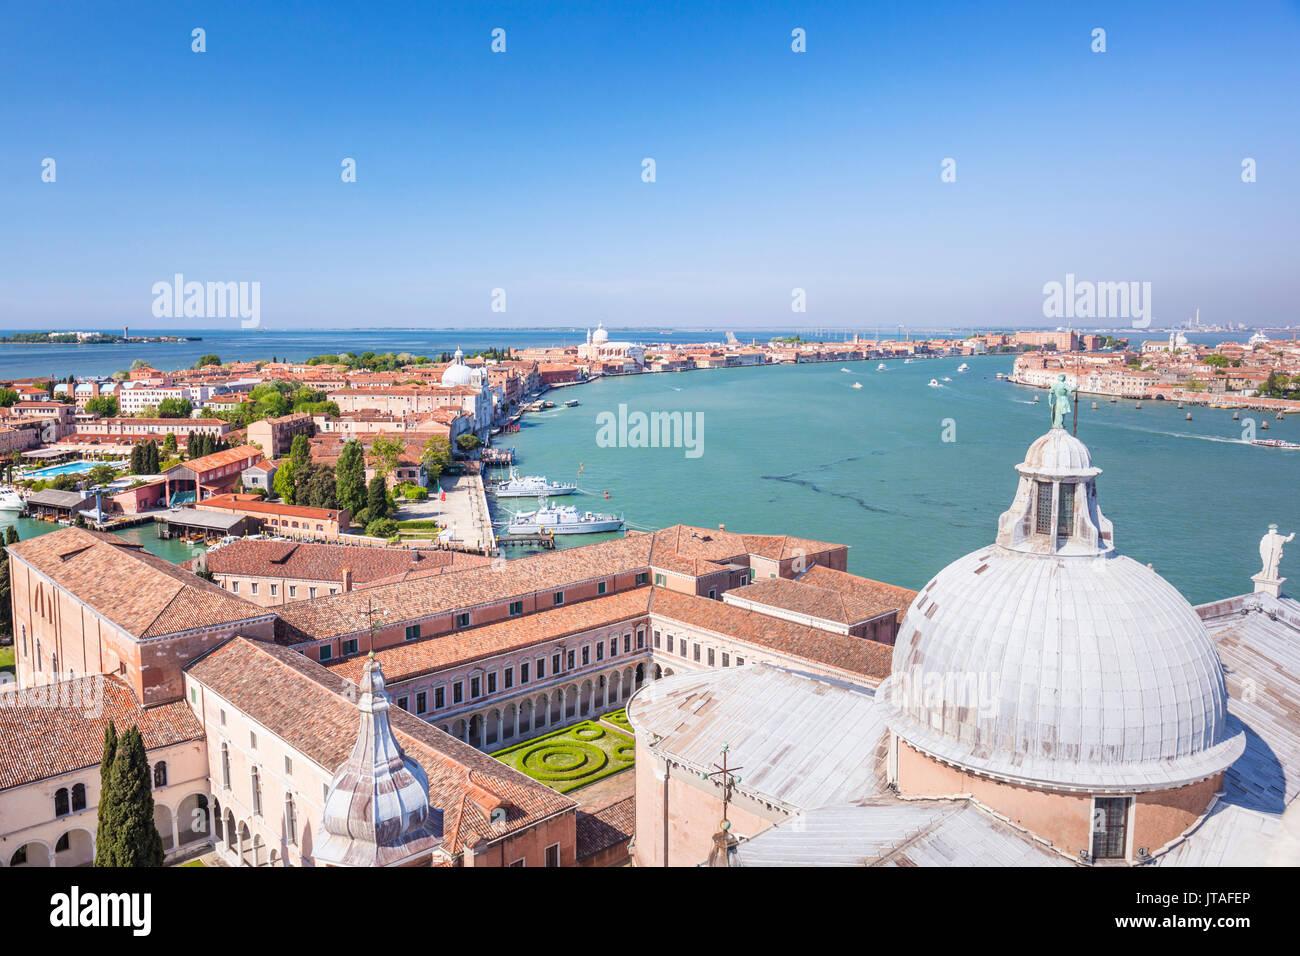 Church of San Giorgio Maggiore, roof and dome, with view of the island of Giudecca, Venice, UNESCO, Veneto, Italy, Europe - Stock Image